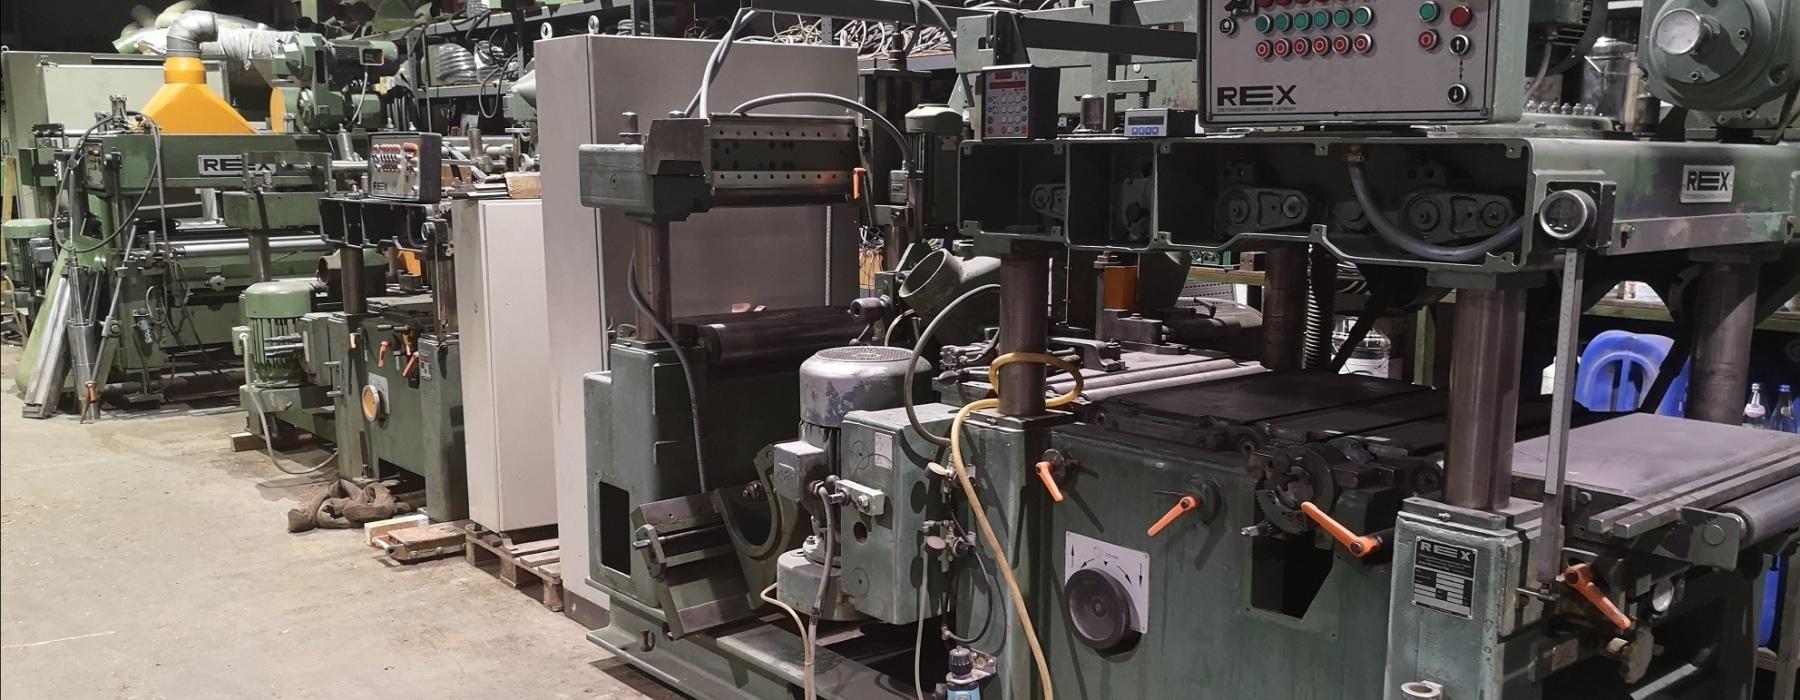 REX Hobelmaschinen